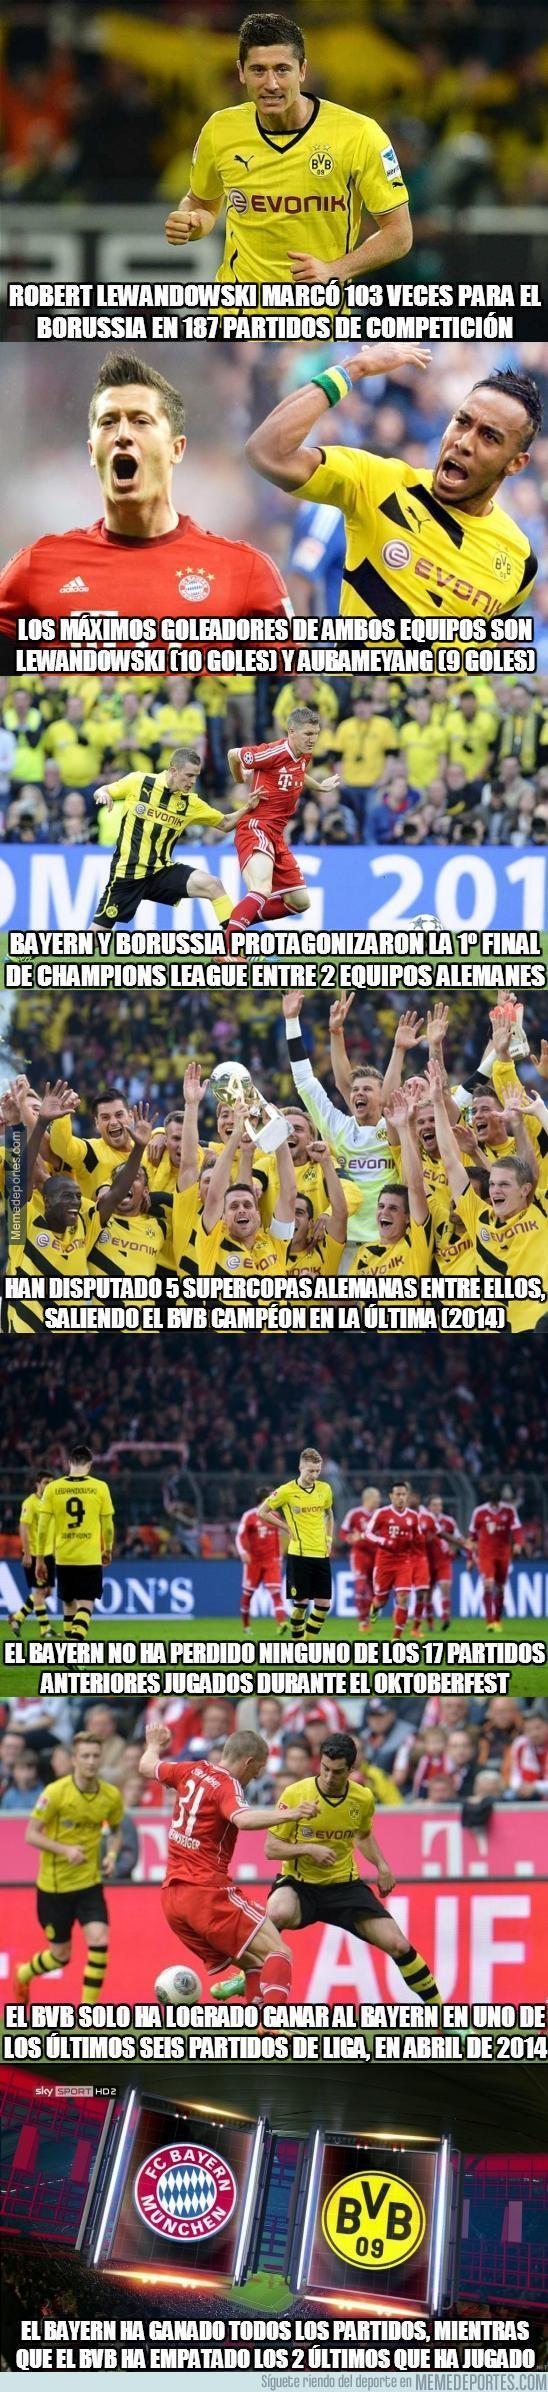 703671 - Datos del Bayern - Borussia. ¿Por quién apuestas?